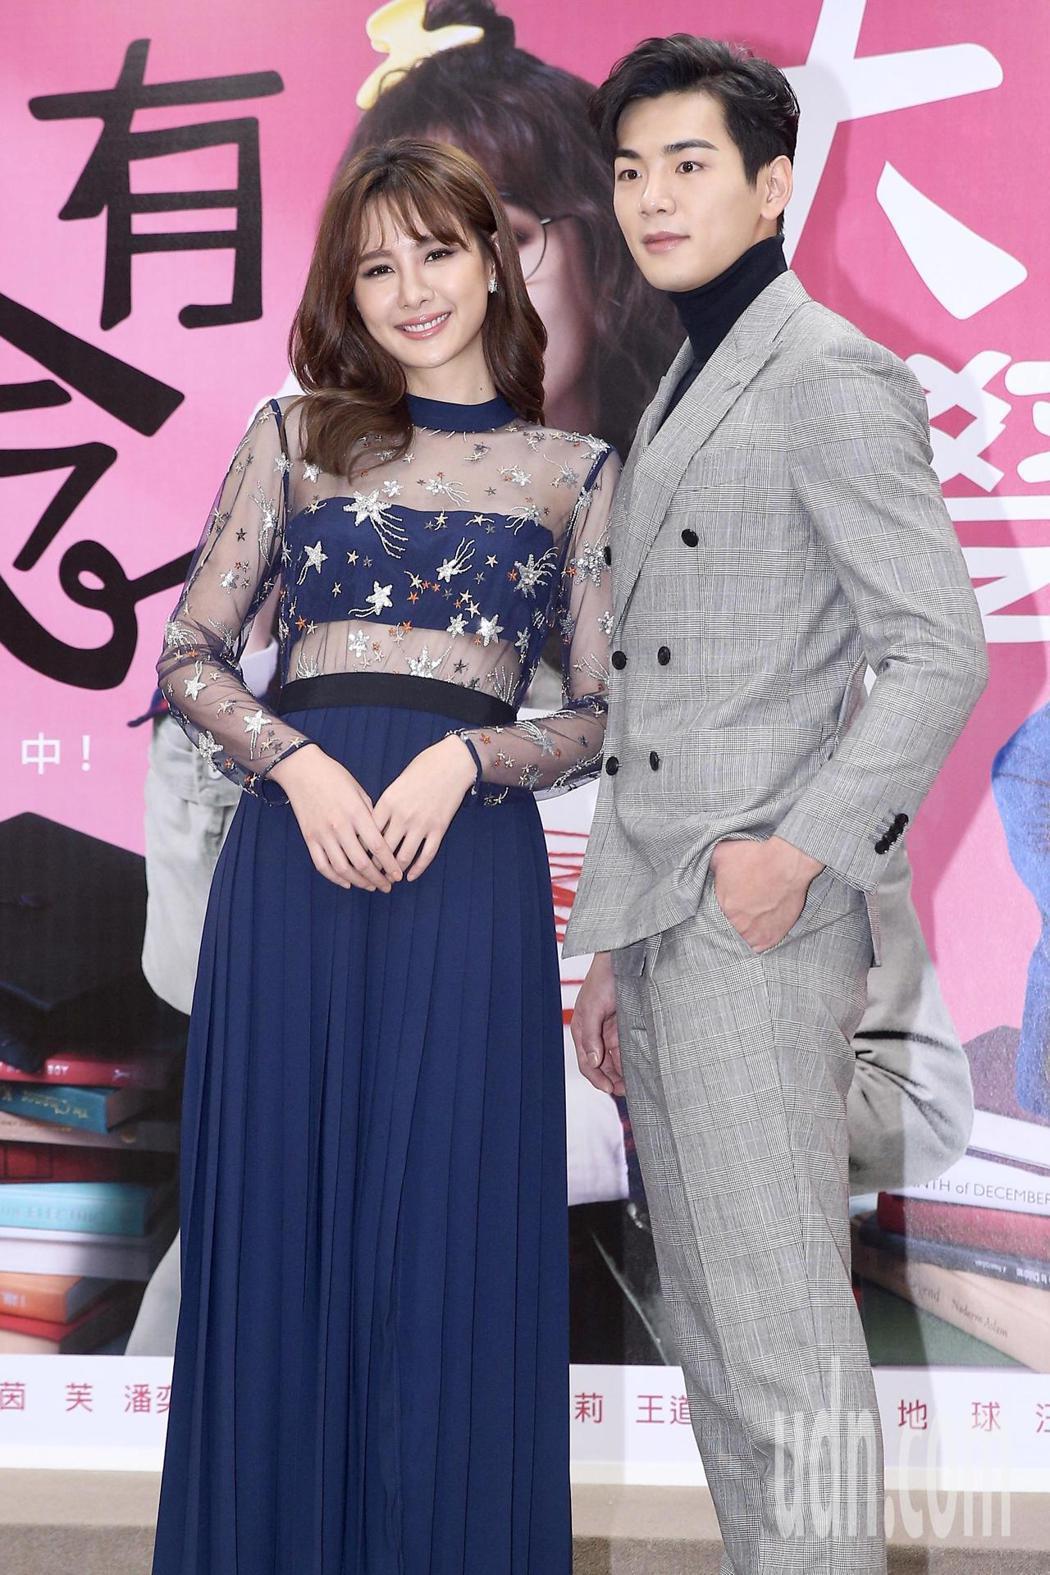 台視週日偶像劇《你有念大學嗎?》下午舉行首映會,劇中男女主角安心亞(左)與禾浩辰...